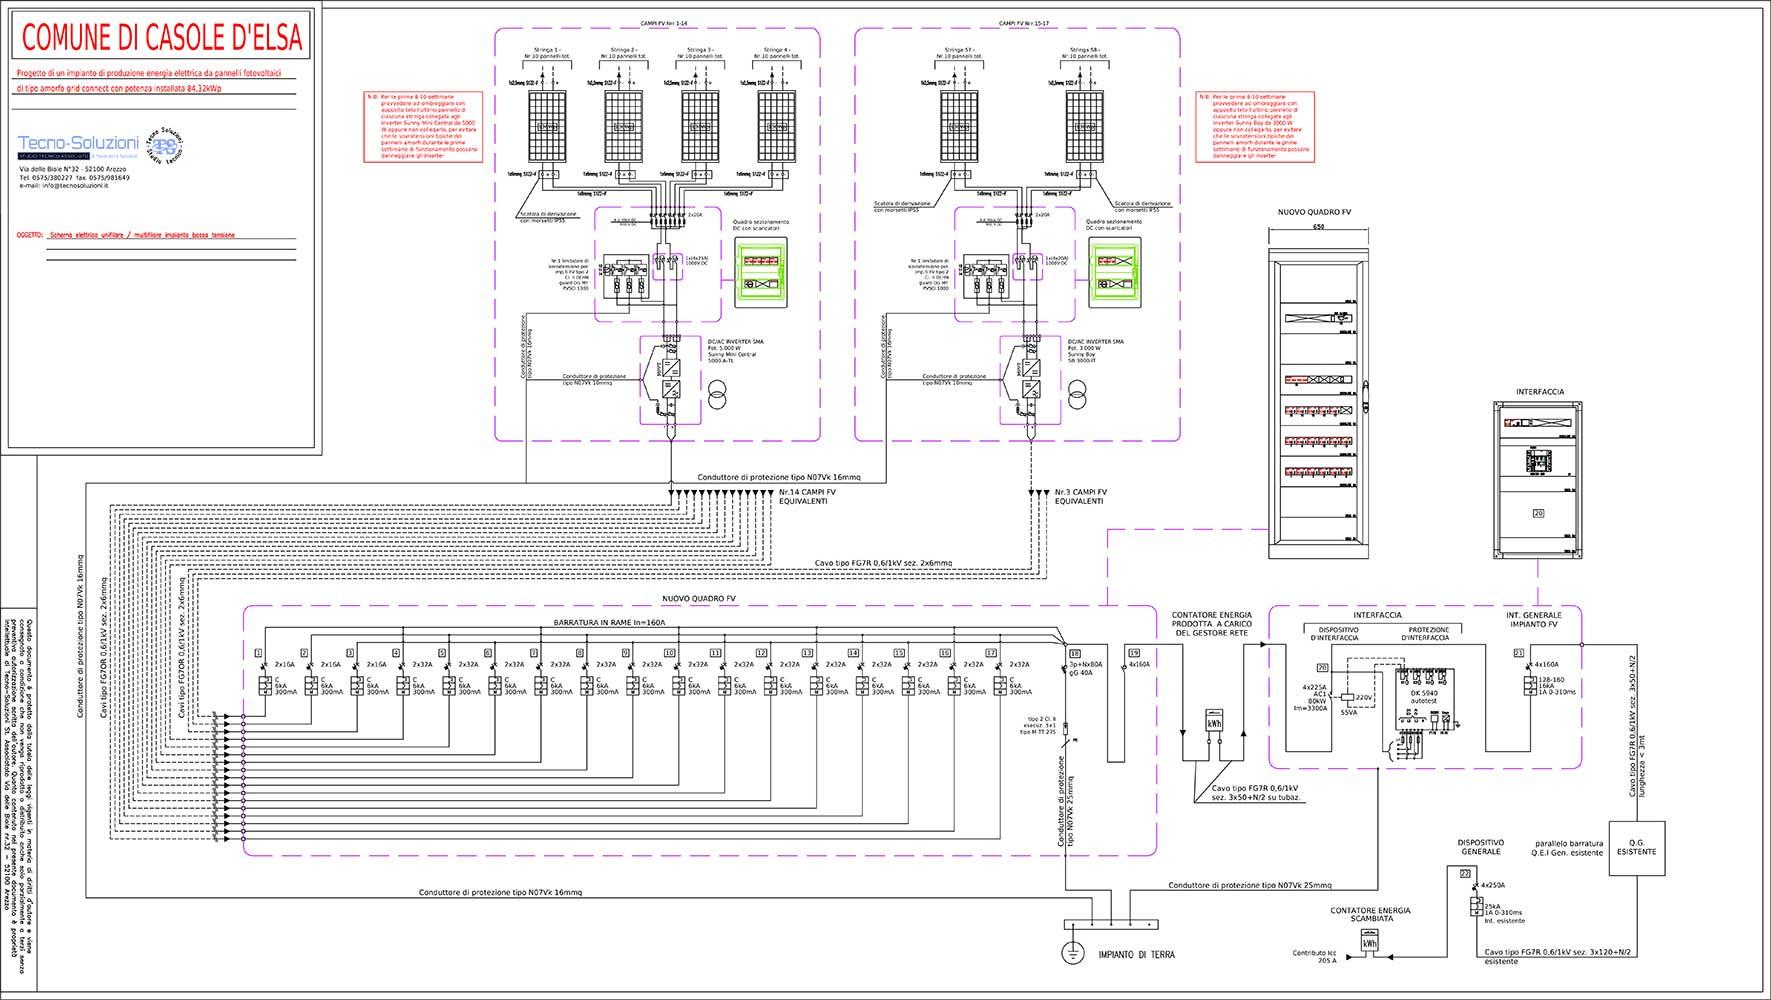 Schema Impianto Elettrico Per Esterno : Impianto fotovoltaico da kw tecnosoluzioni arezzo